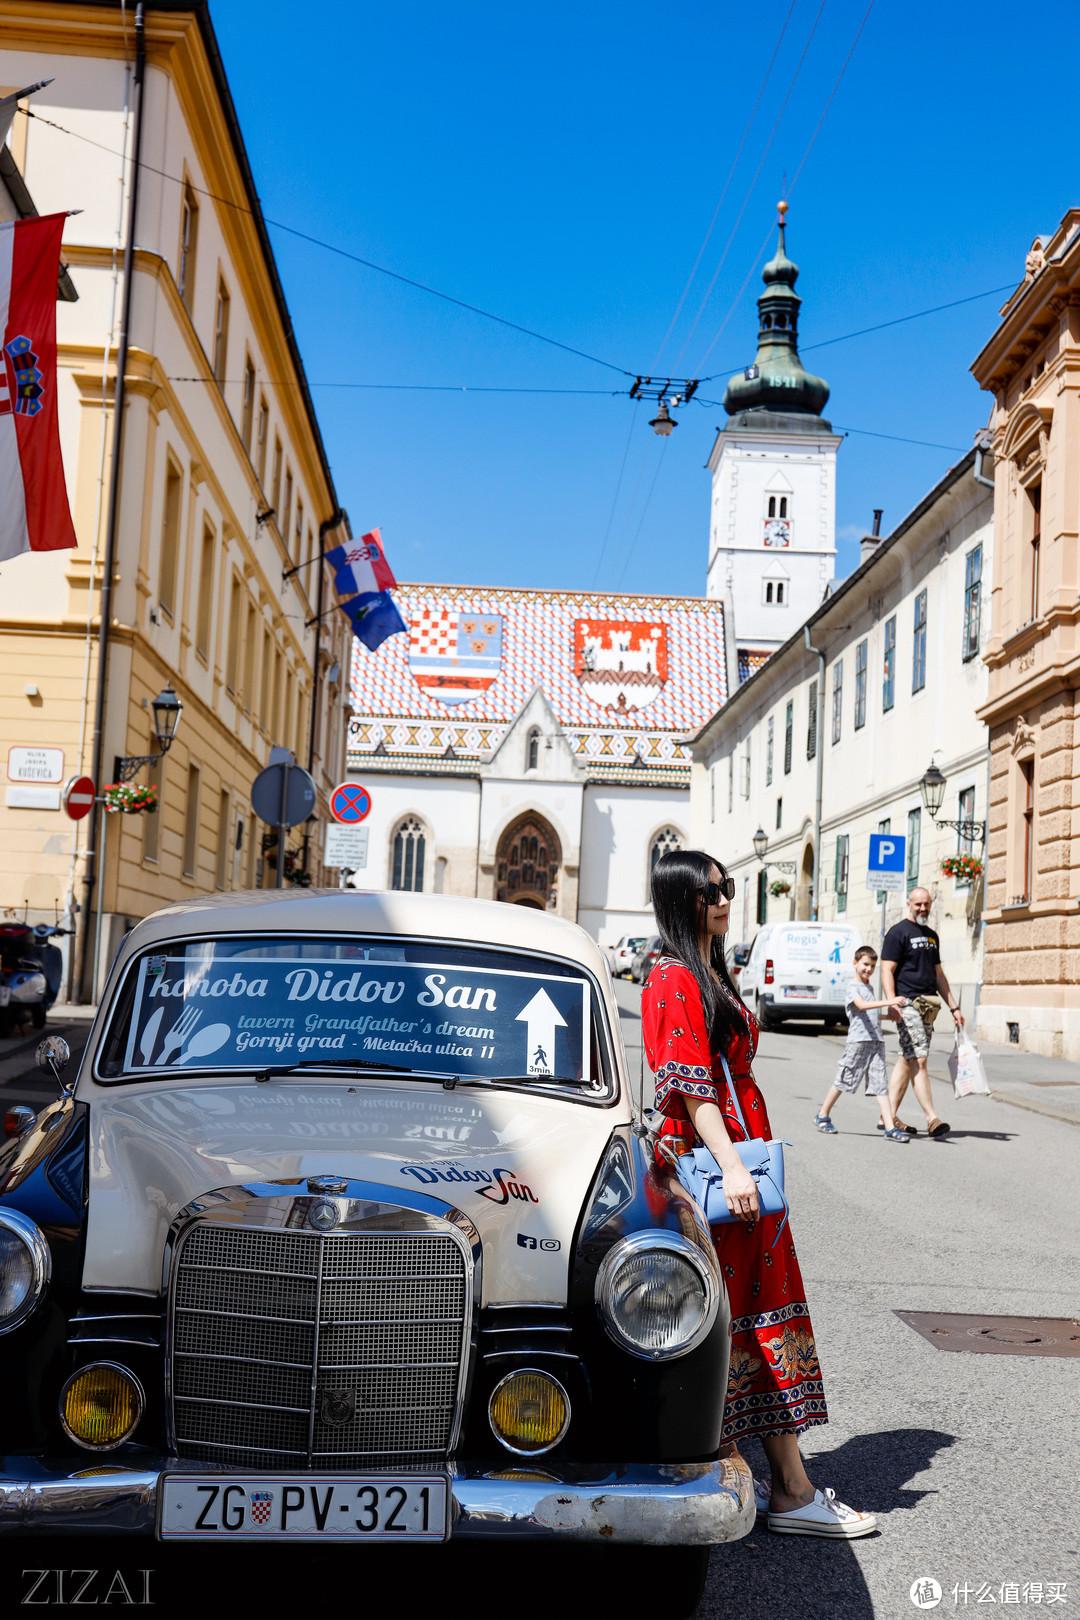 差不多所有到过萨格勒布的人都和这个车拍过合影吧,这样说来这个奔驰也是世界上合影最多的车吧